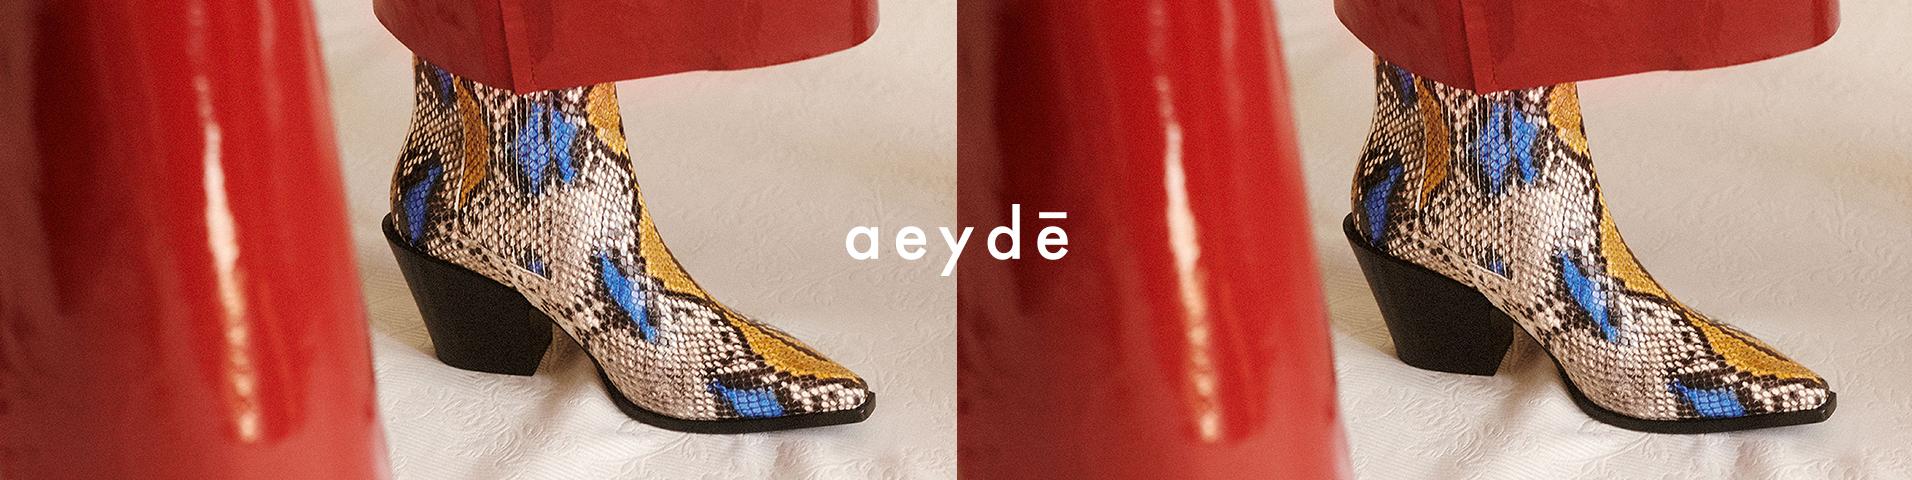 f8e7a98fdaa8ba Catalogue from Aeyde